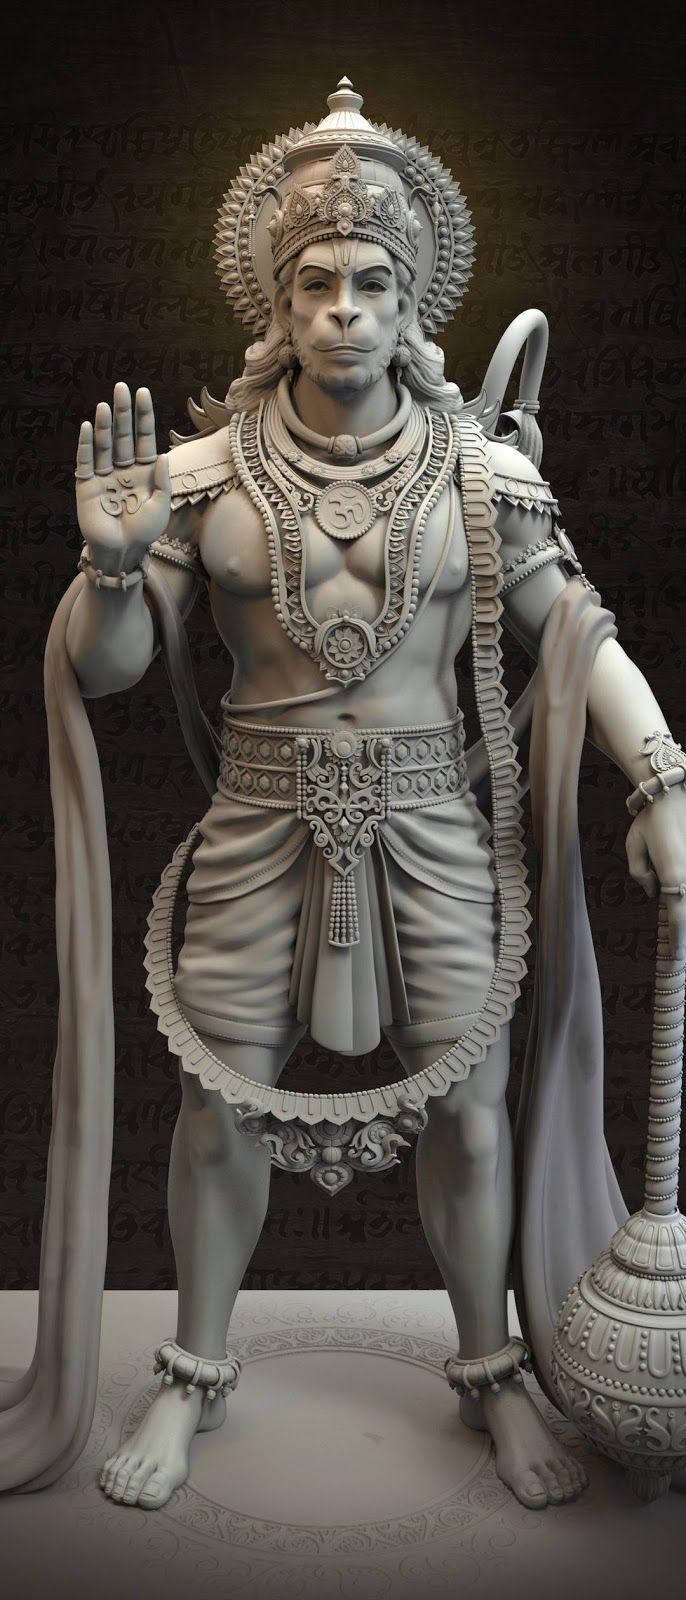 Lord Hanuman Statue 3d Mobile Wallpaper Jai Hanuman Lord Hanuman Lord Hanuman Wallpapers Jai Hanuman Images Jai hanuman wallpaper hanuman images hd